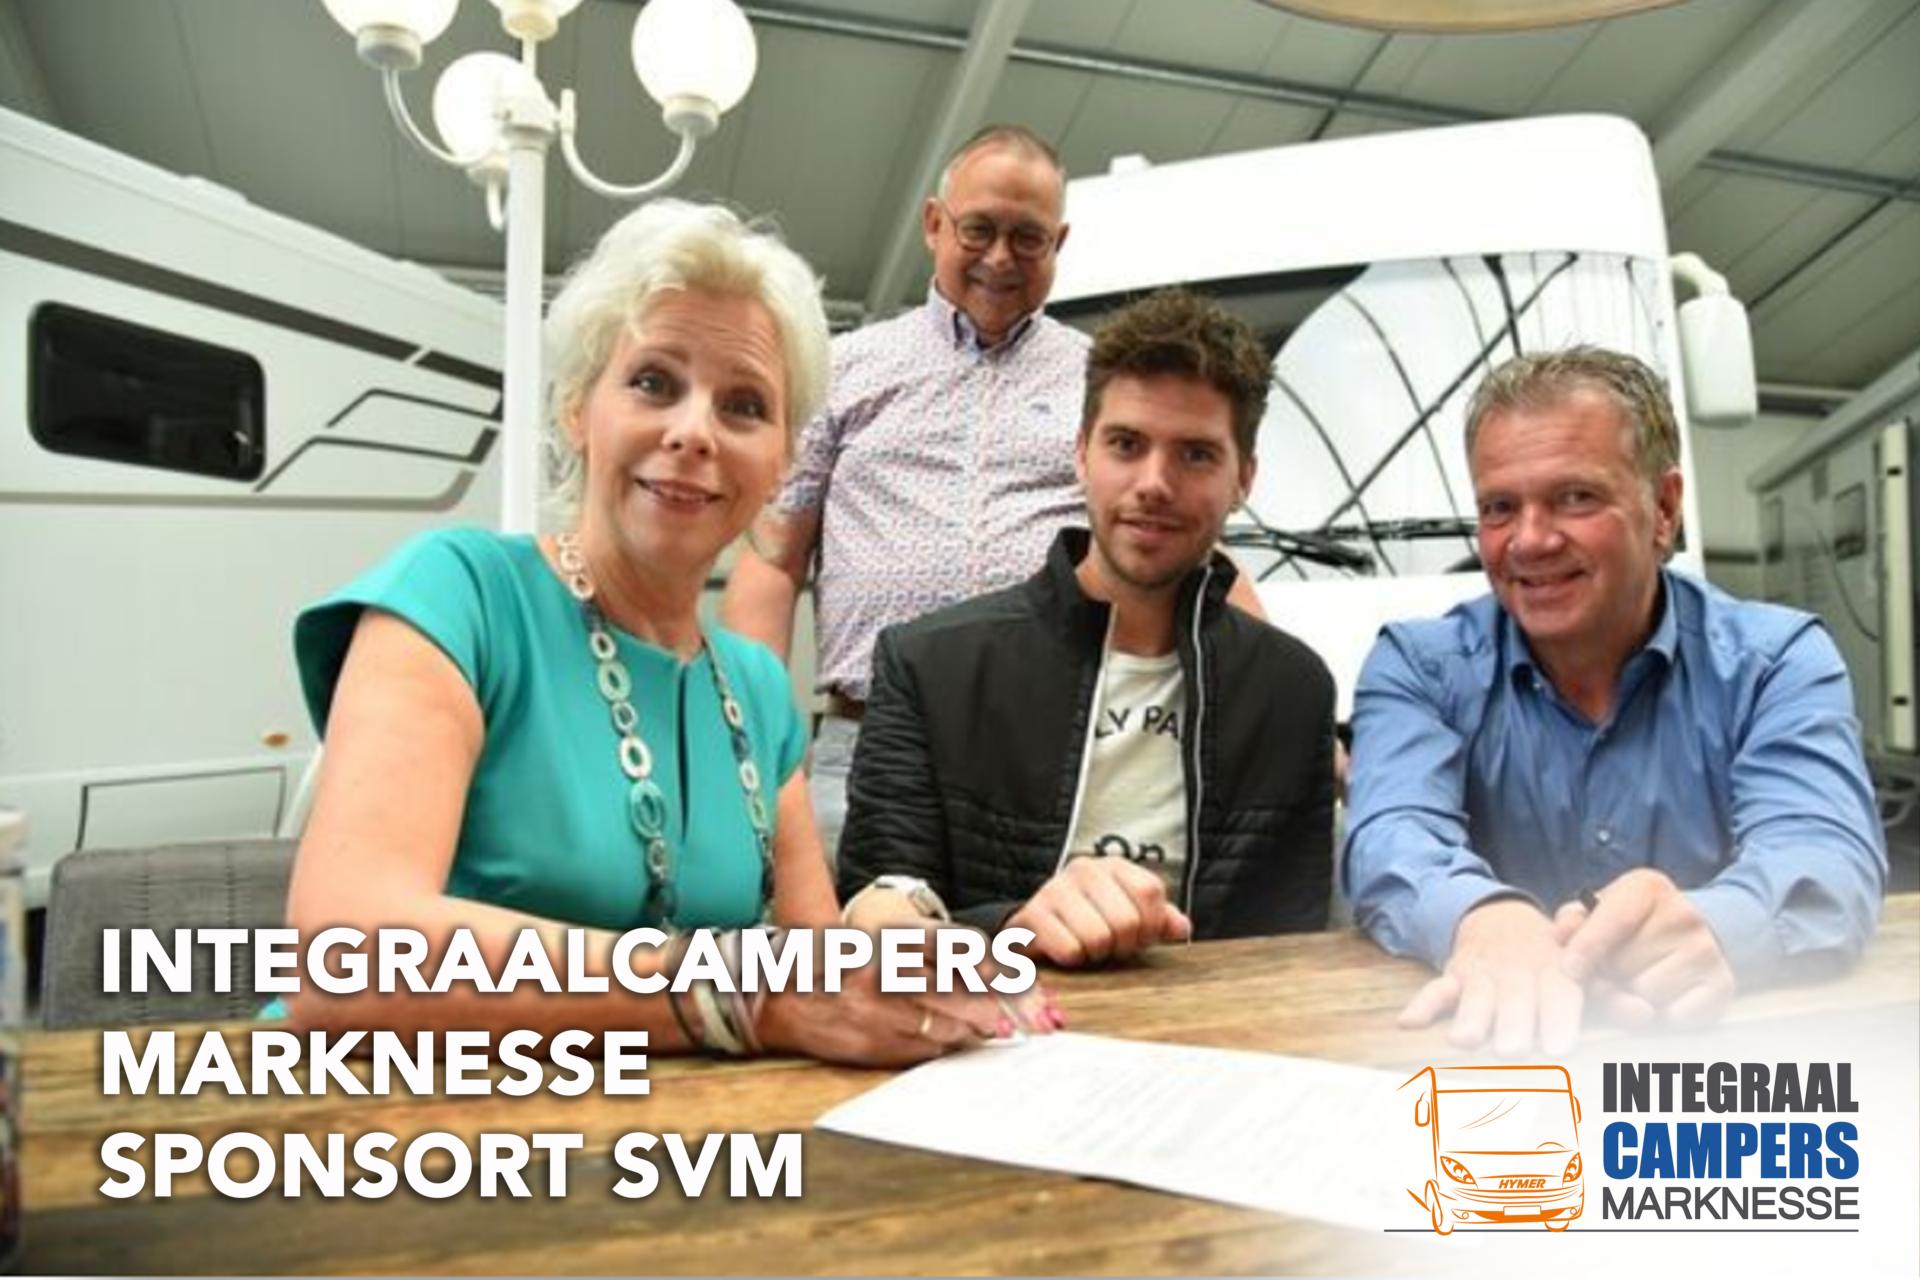 Integraalcampers Marknesse sponsor SVM